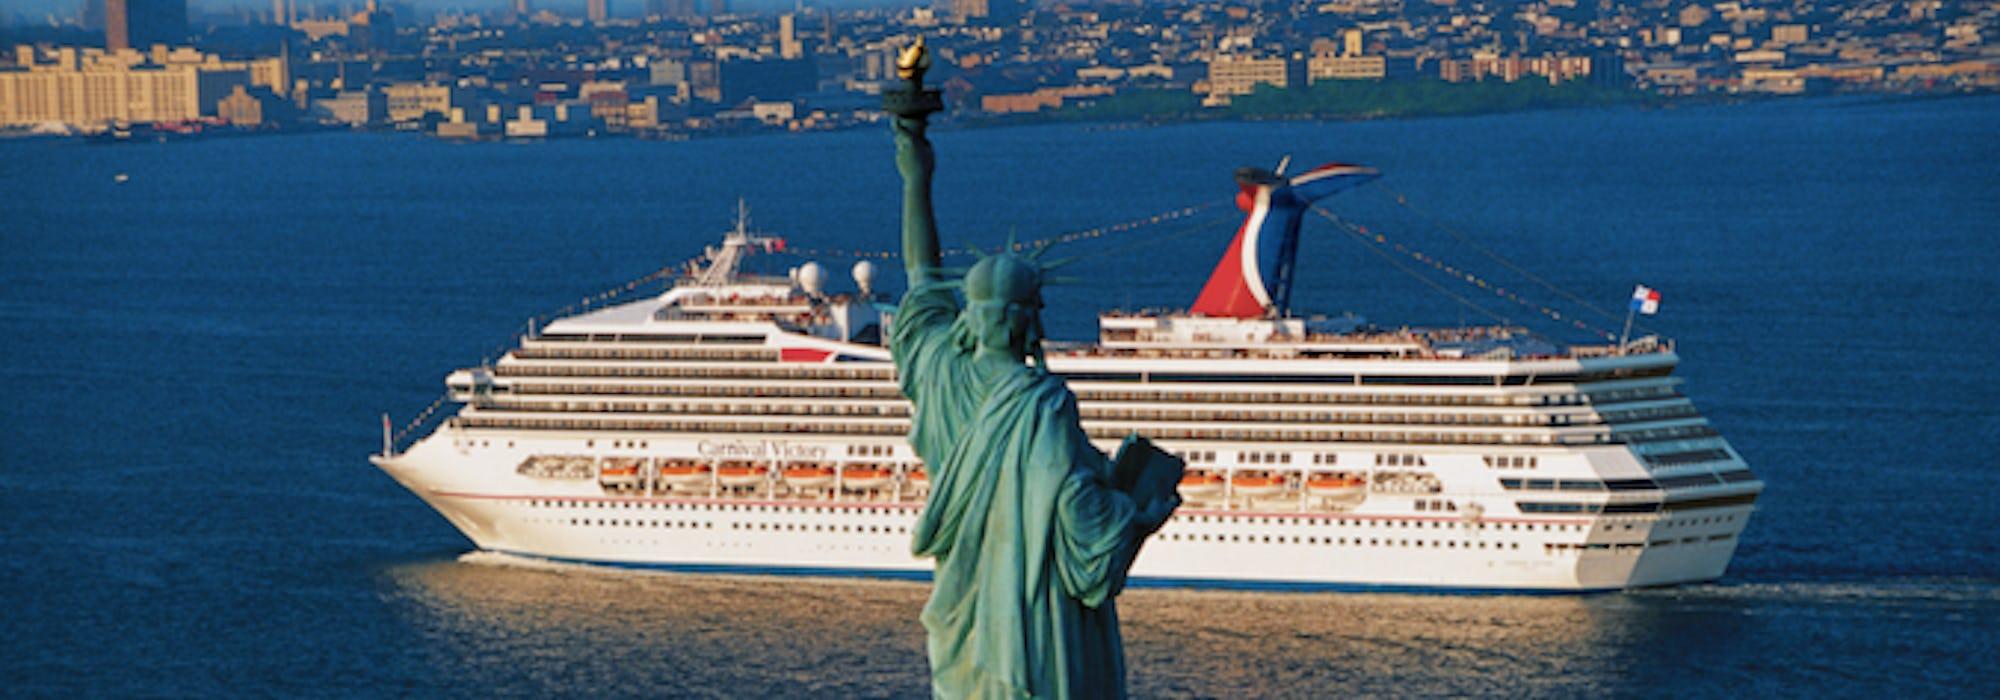 Fartyget Carnival Radiance kryssar förbi Statue of Liberty, frihetsgudinnan, i New York.